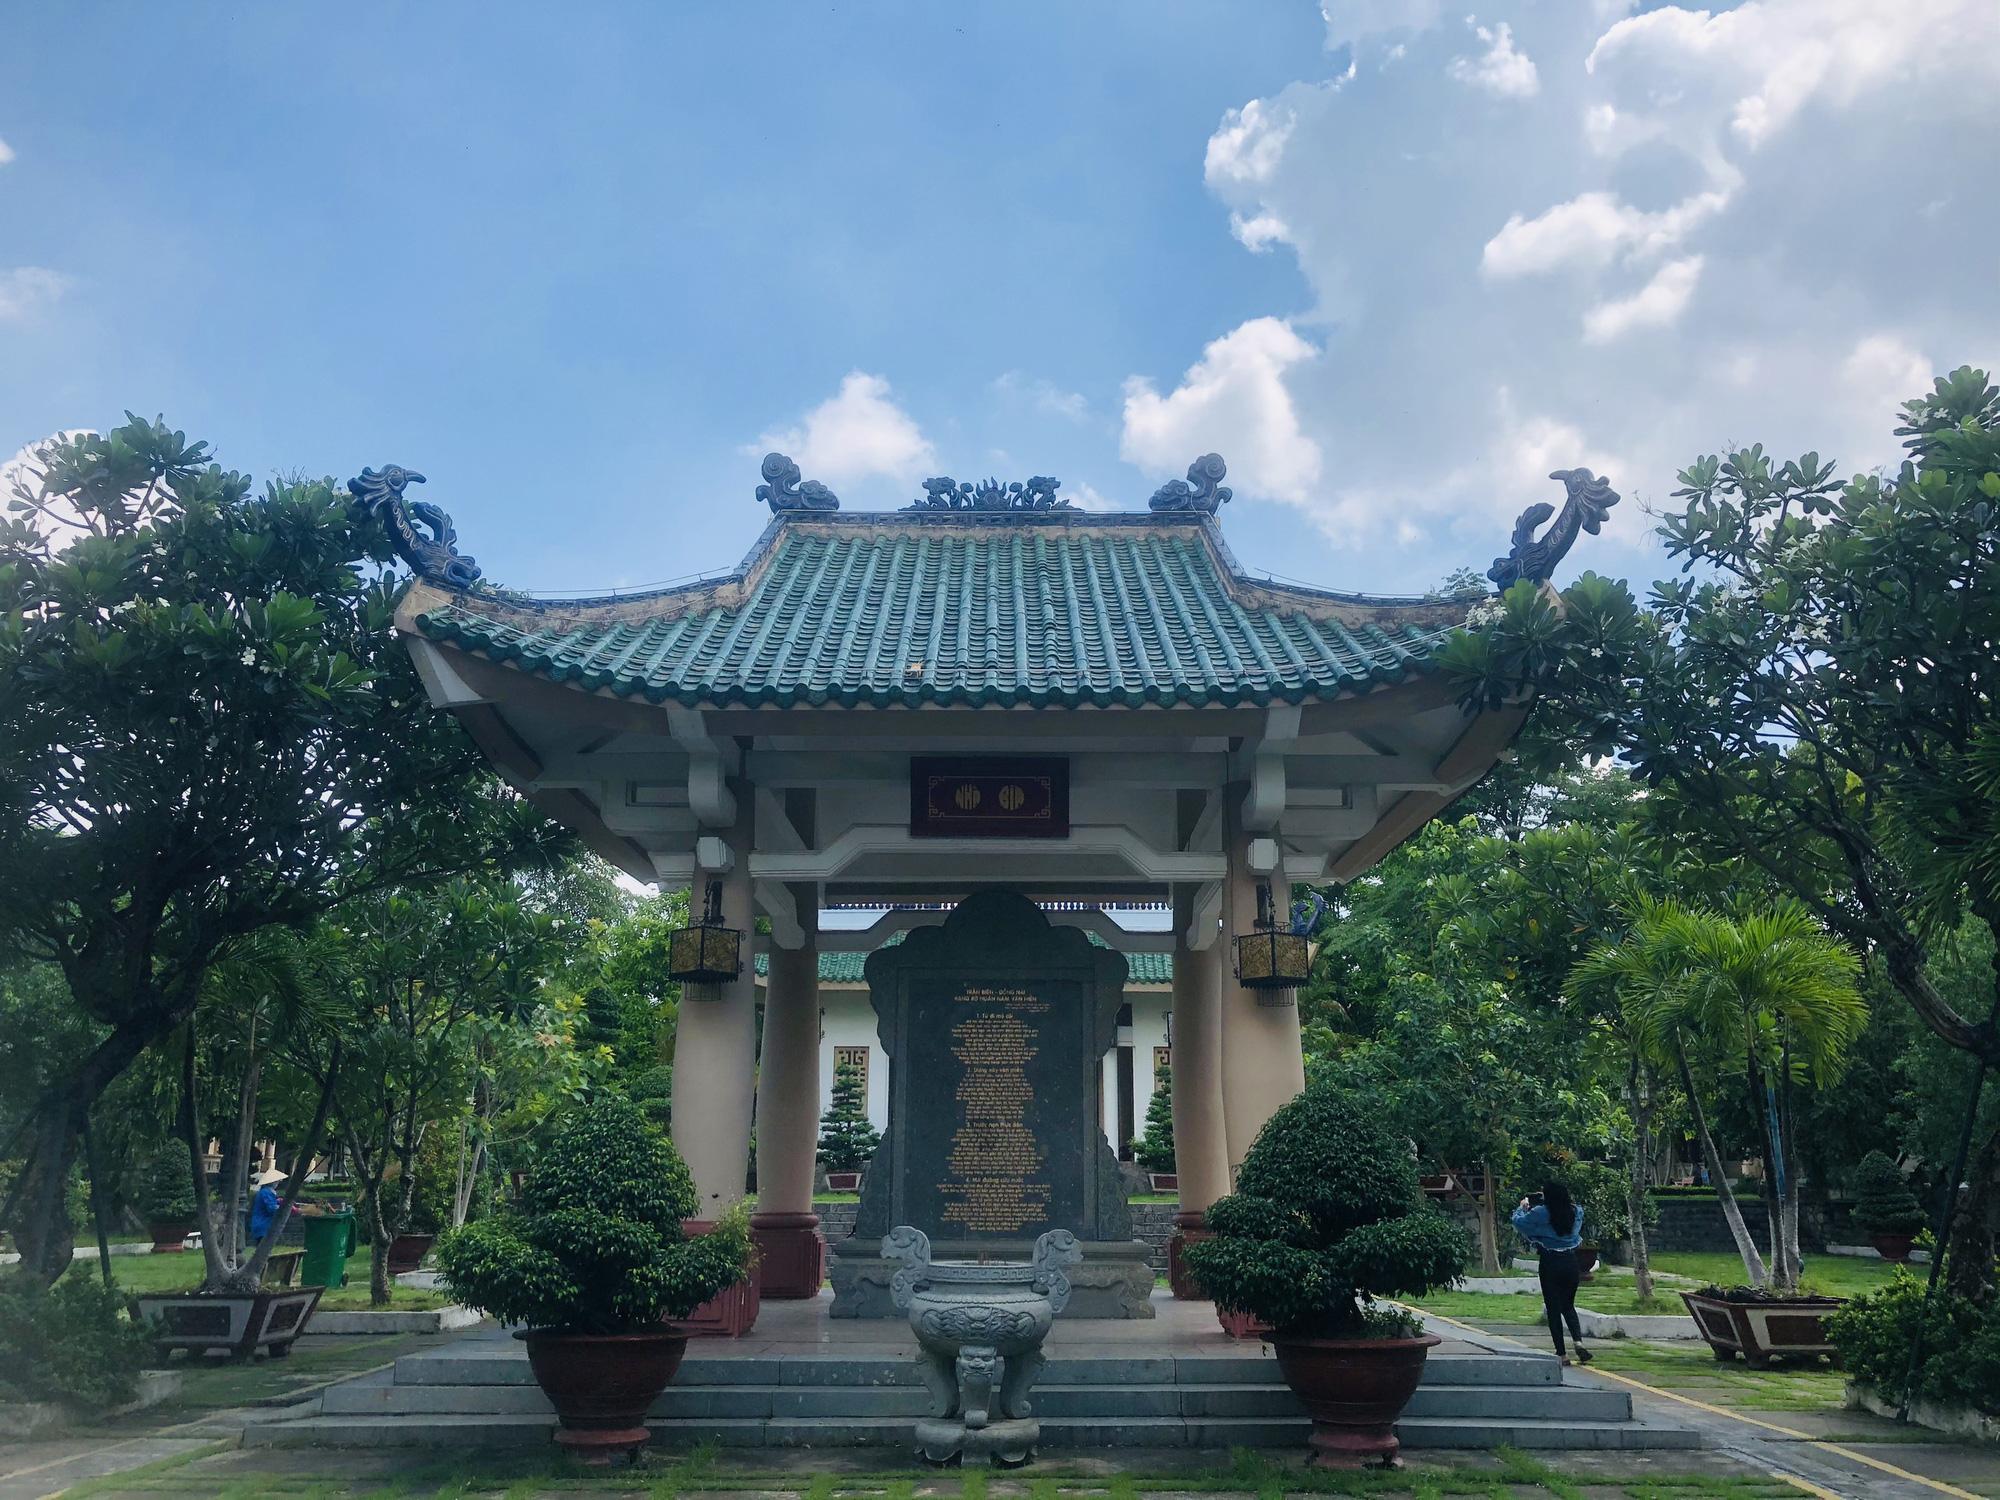 Văn miếu đầu tiên của miền Nam, nơi lưu giữ truyền thống văn hoá - giáo dục đất Biên Hoà - Ảnh 4.